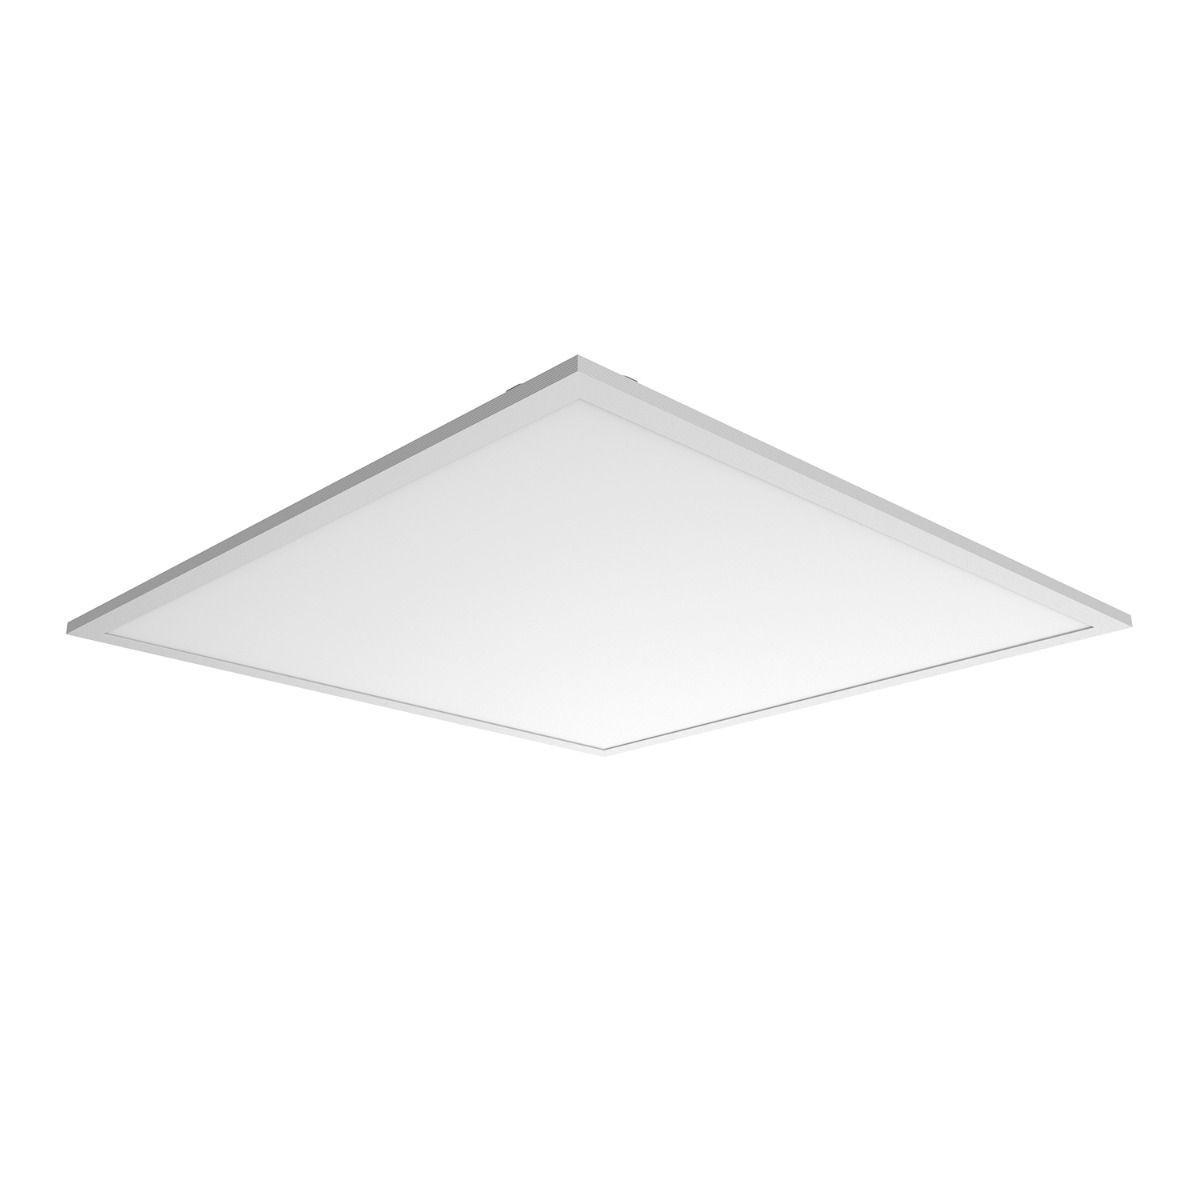 Noxion LED Panel Delta Pro V3 30W 4000K 4070lm 60x60cm UGR <22 | Replacer for 4x18W